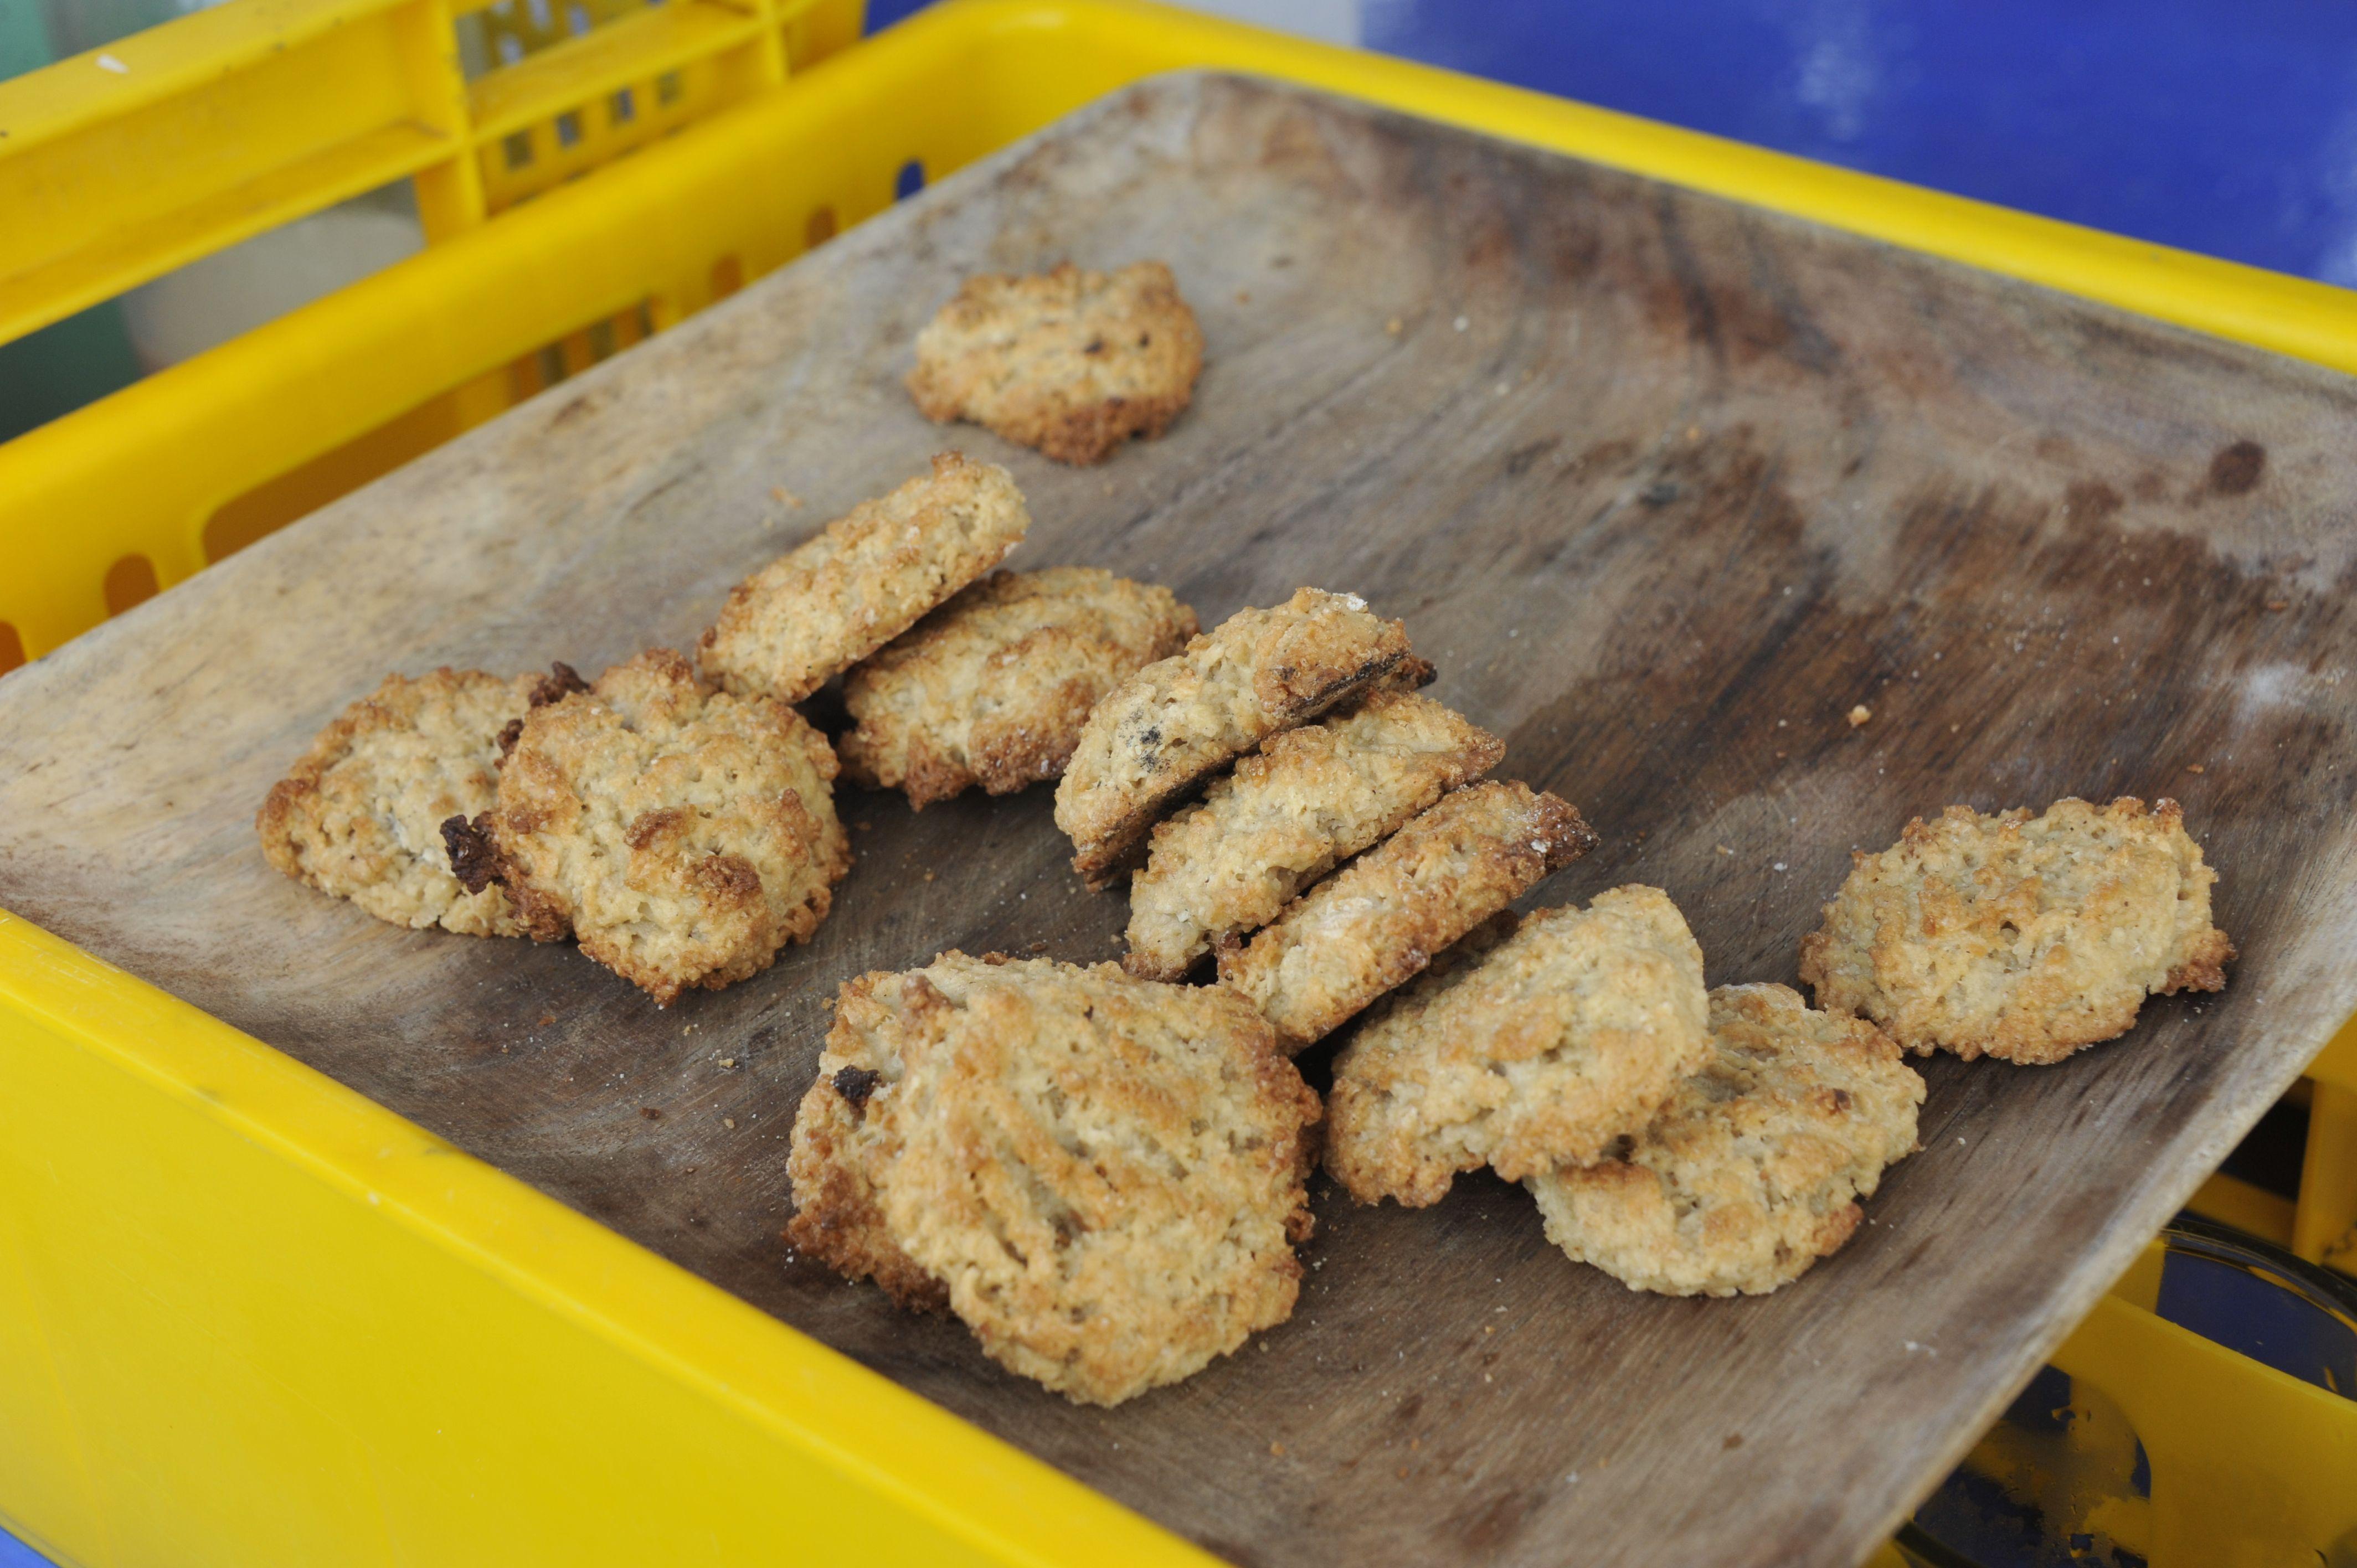 Cookies à la noix de coco et à la graisse de porc - Tao expeditions